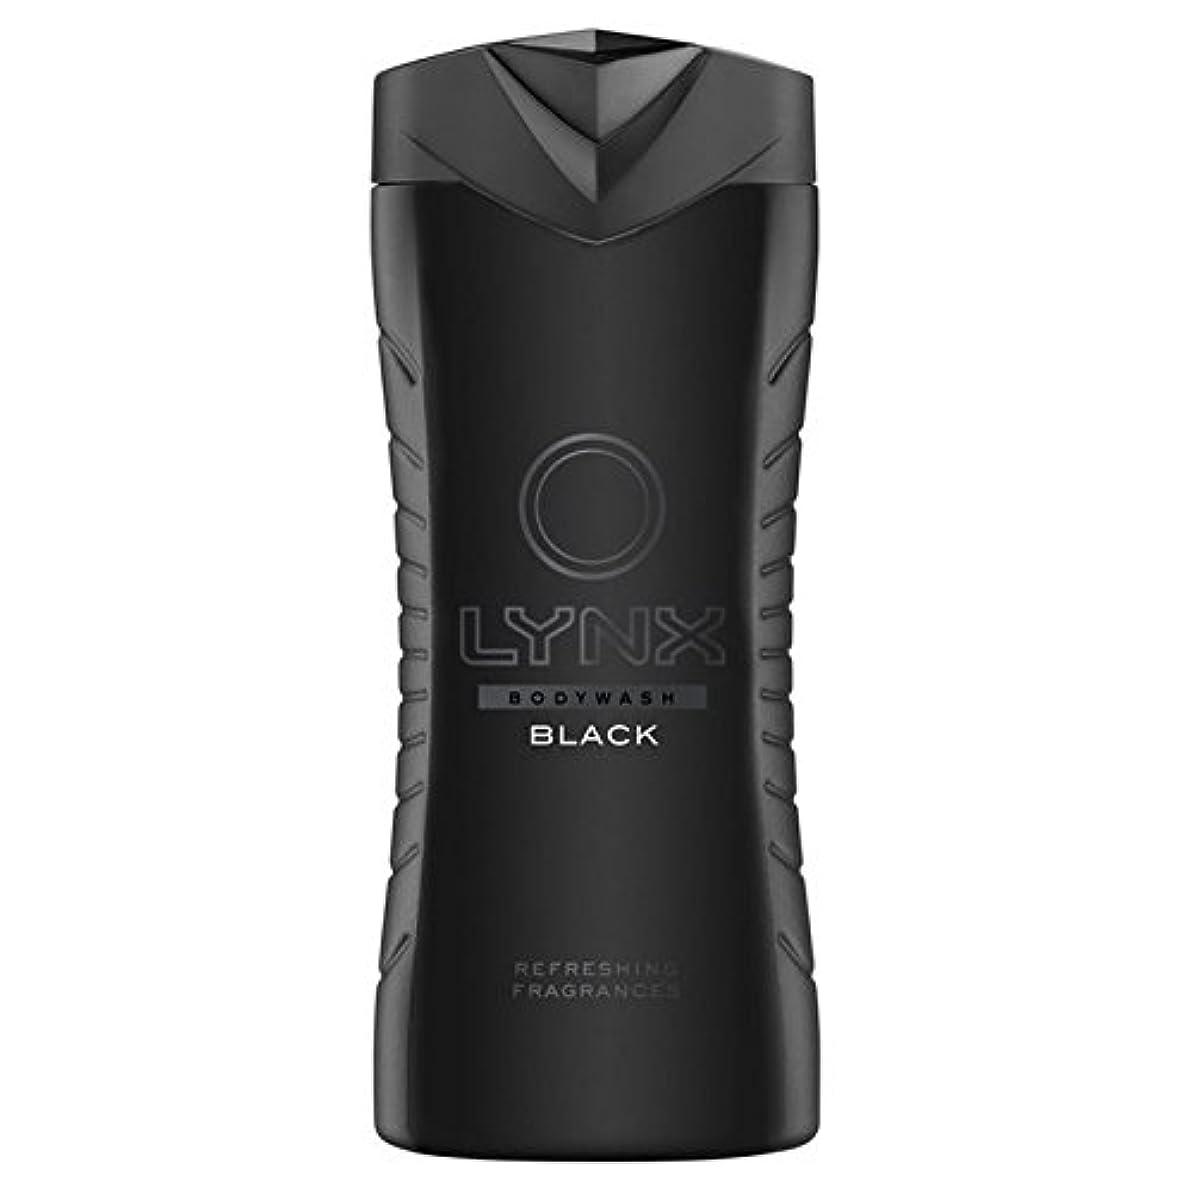 解明貧困水っぽいLynx Black Shower Gel 400ml - オオヤマネコブラックシャワージェル400ミリリットル [並行輸入品]